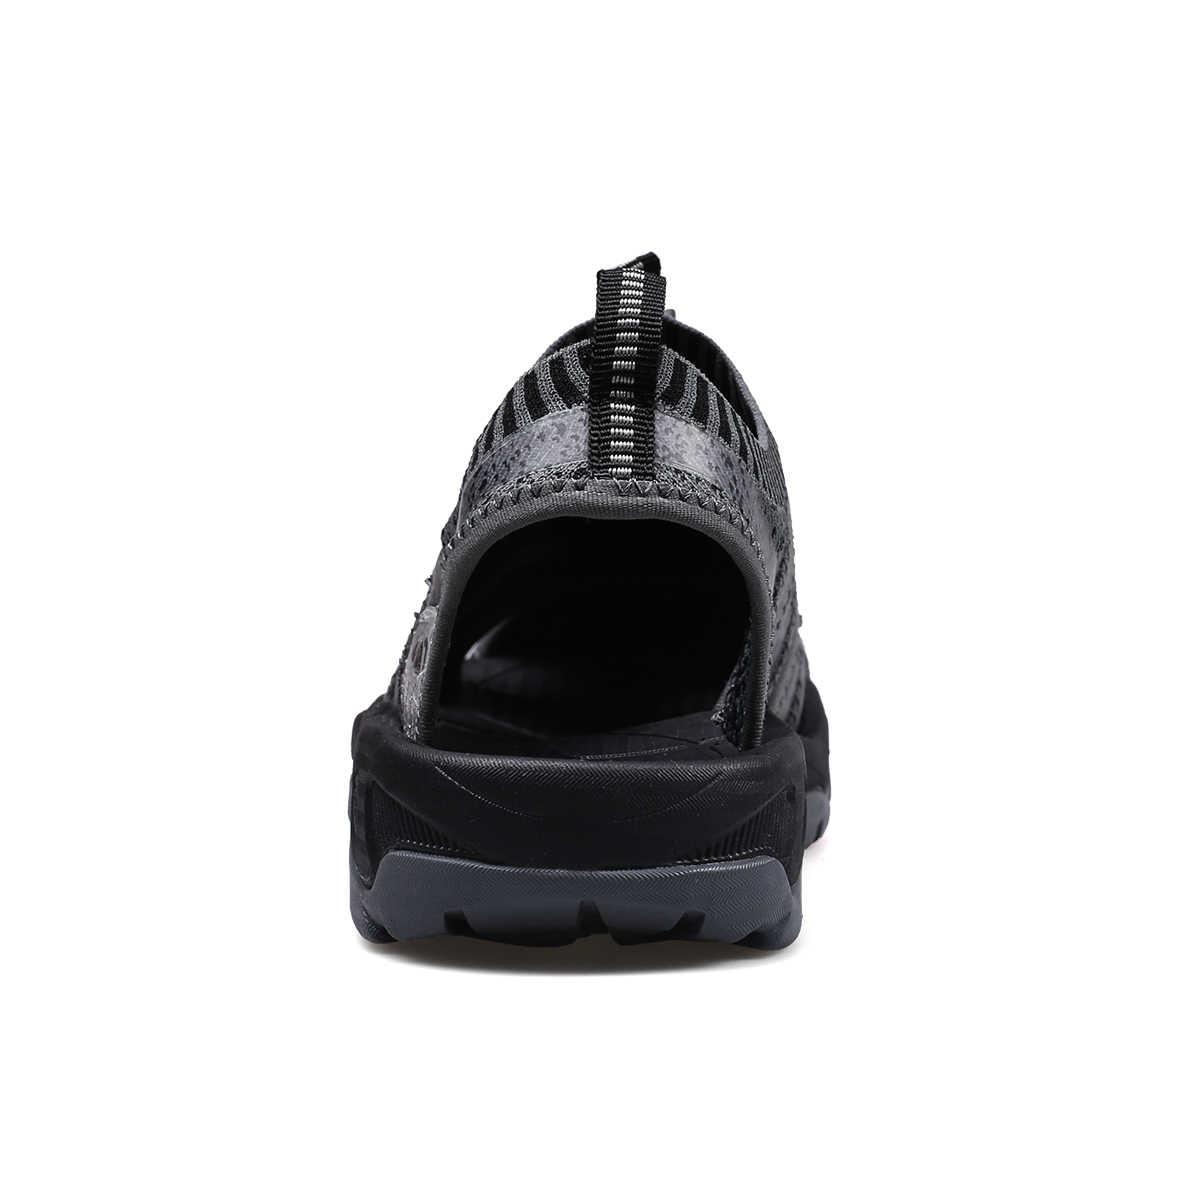 Yaz yeni erkek sandalet 2019 en çok satan adam açık rahat plaj ayakkabısı yüksek kalite moda elastik bant plaj terlikleri